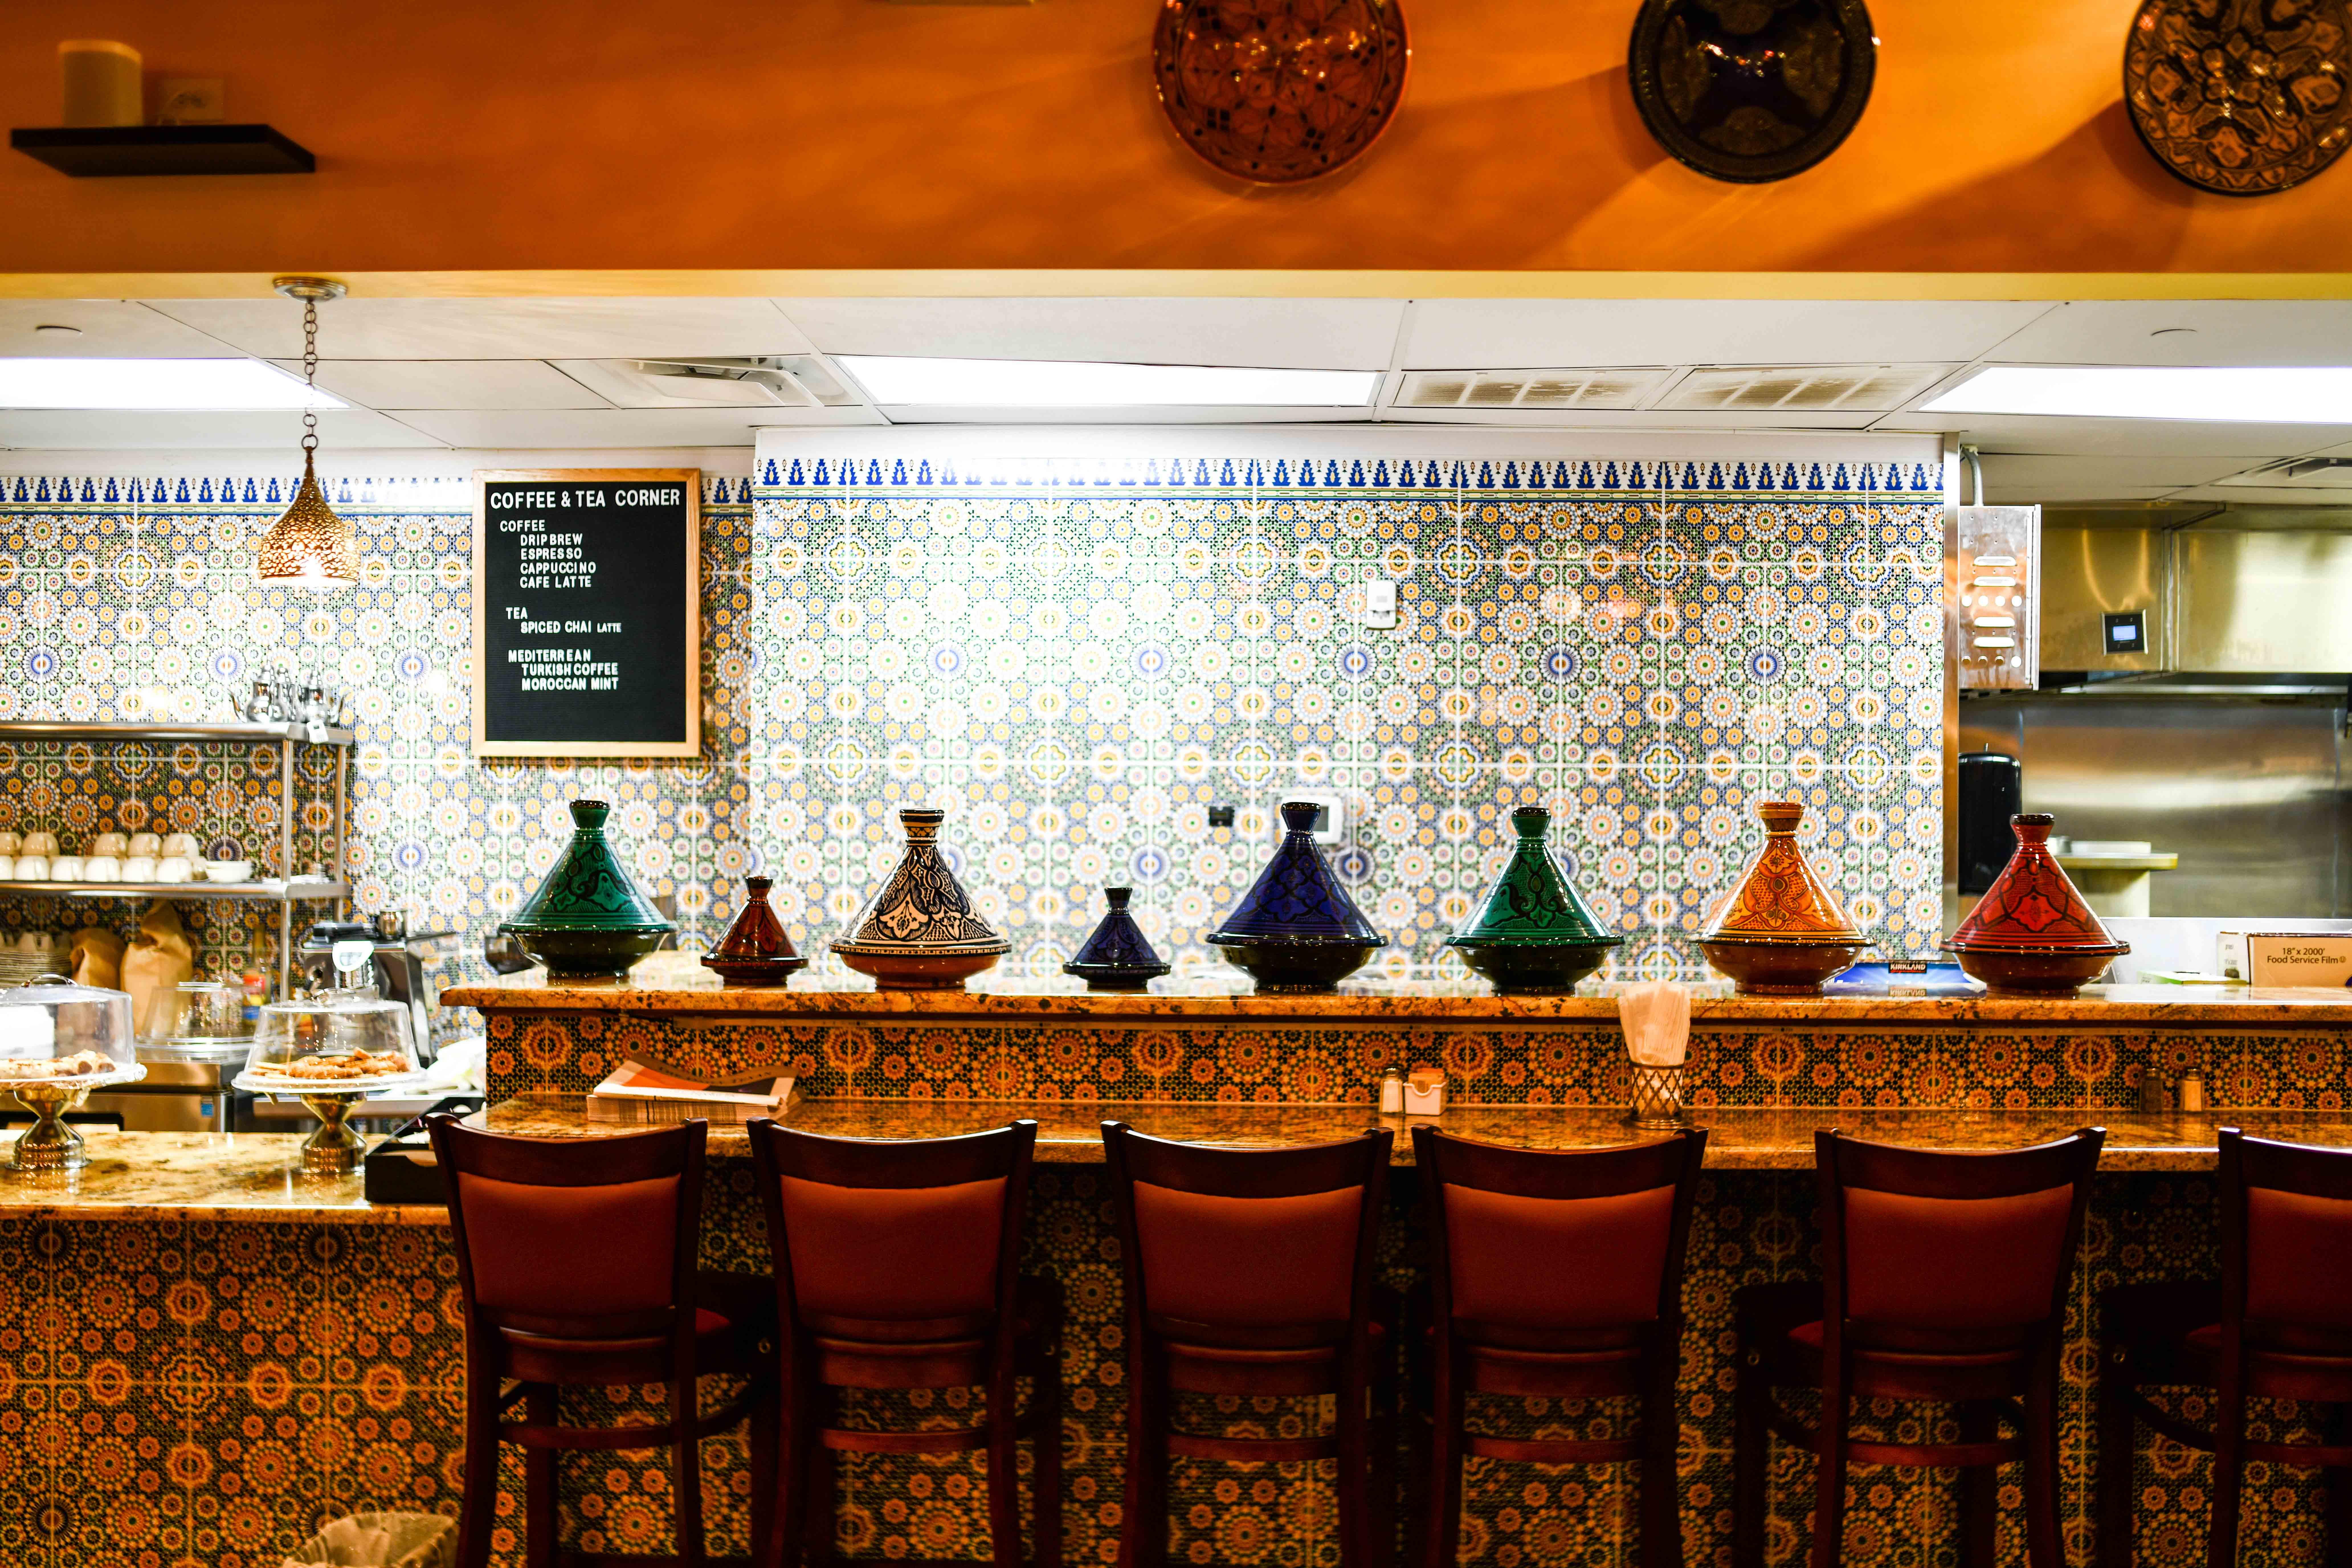 Best Moroccan And Mediterranean Cuisine In Austin Darna Restaurant